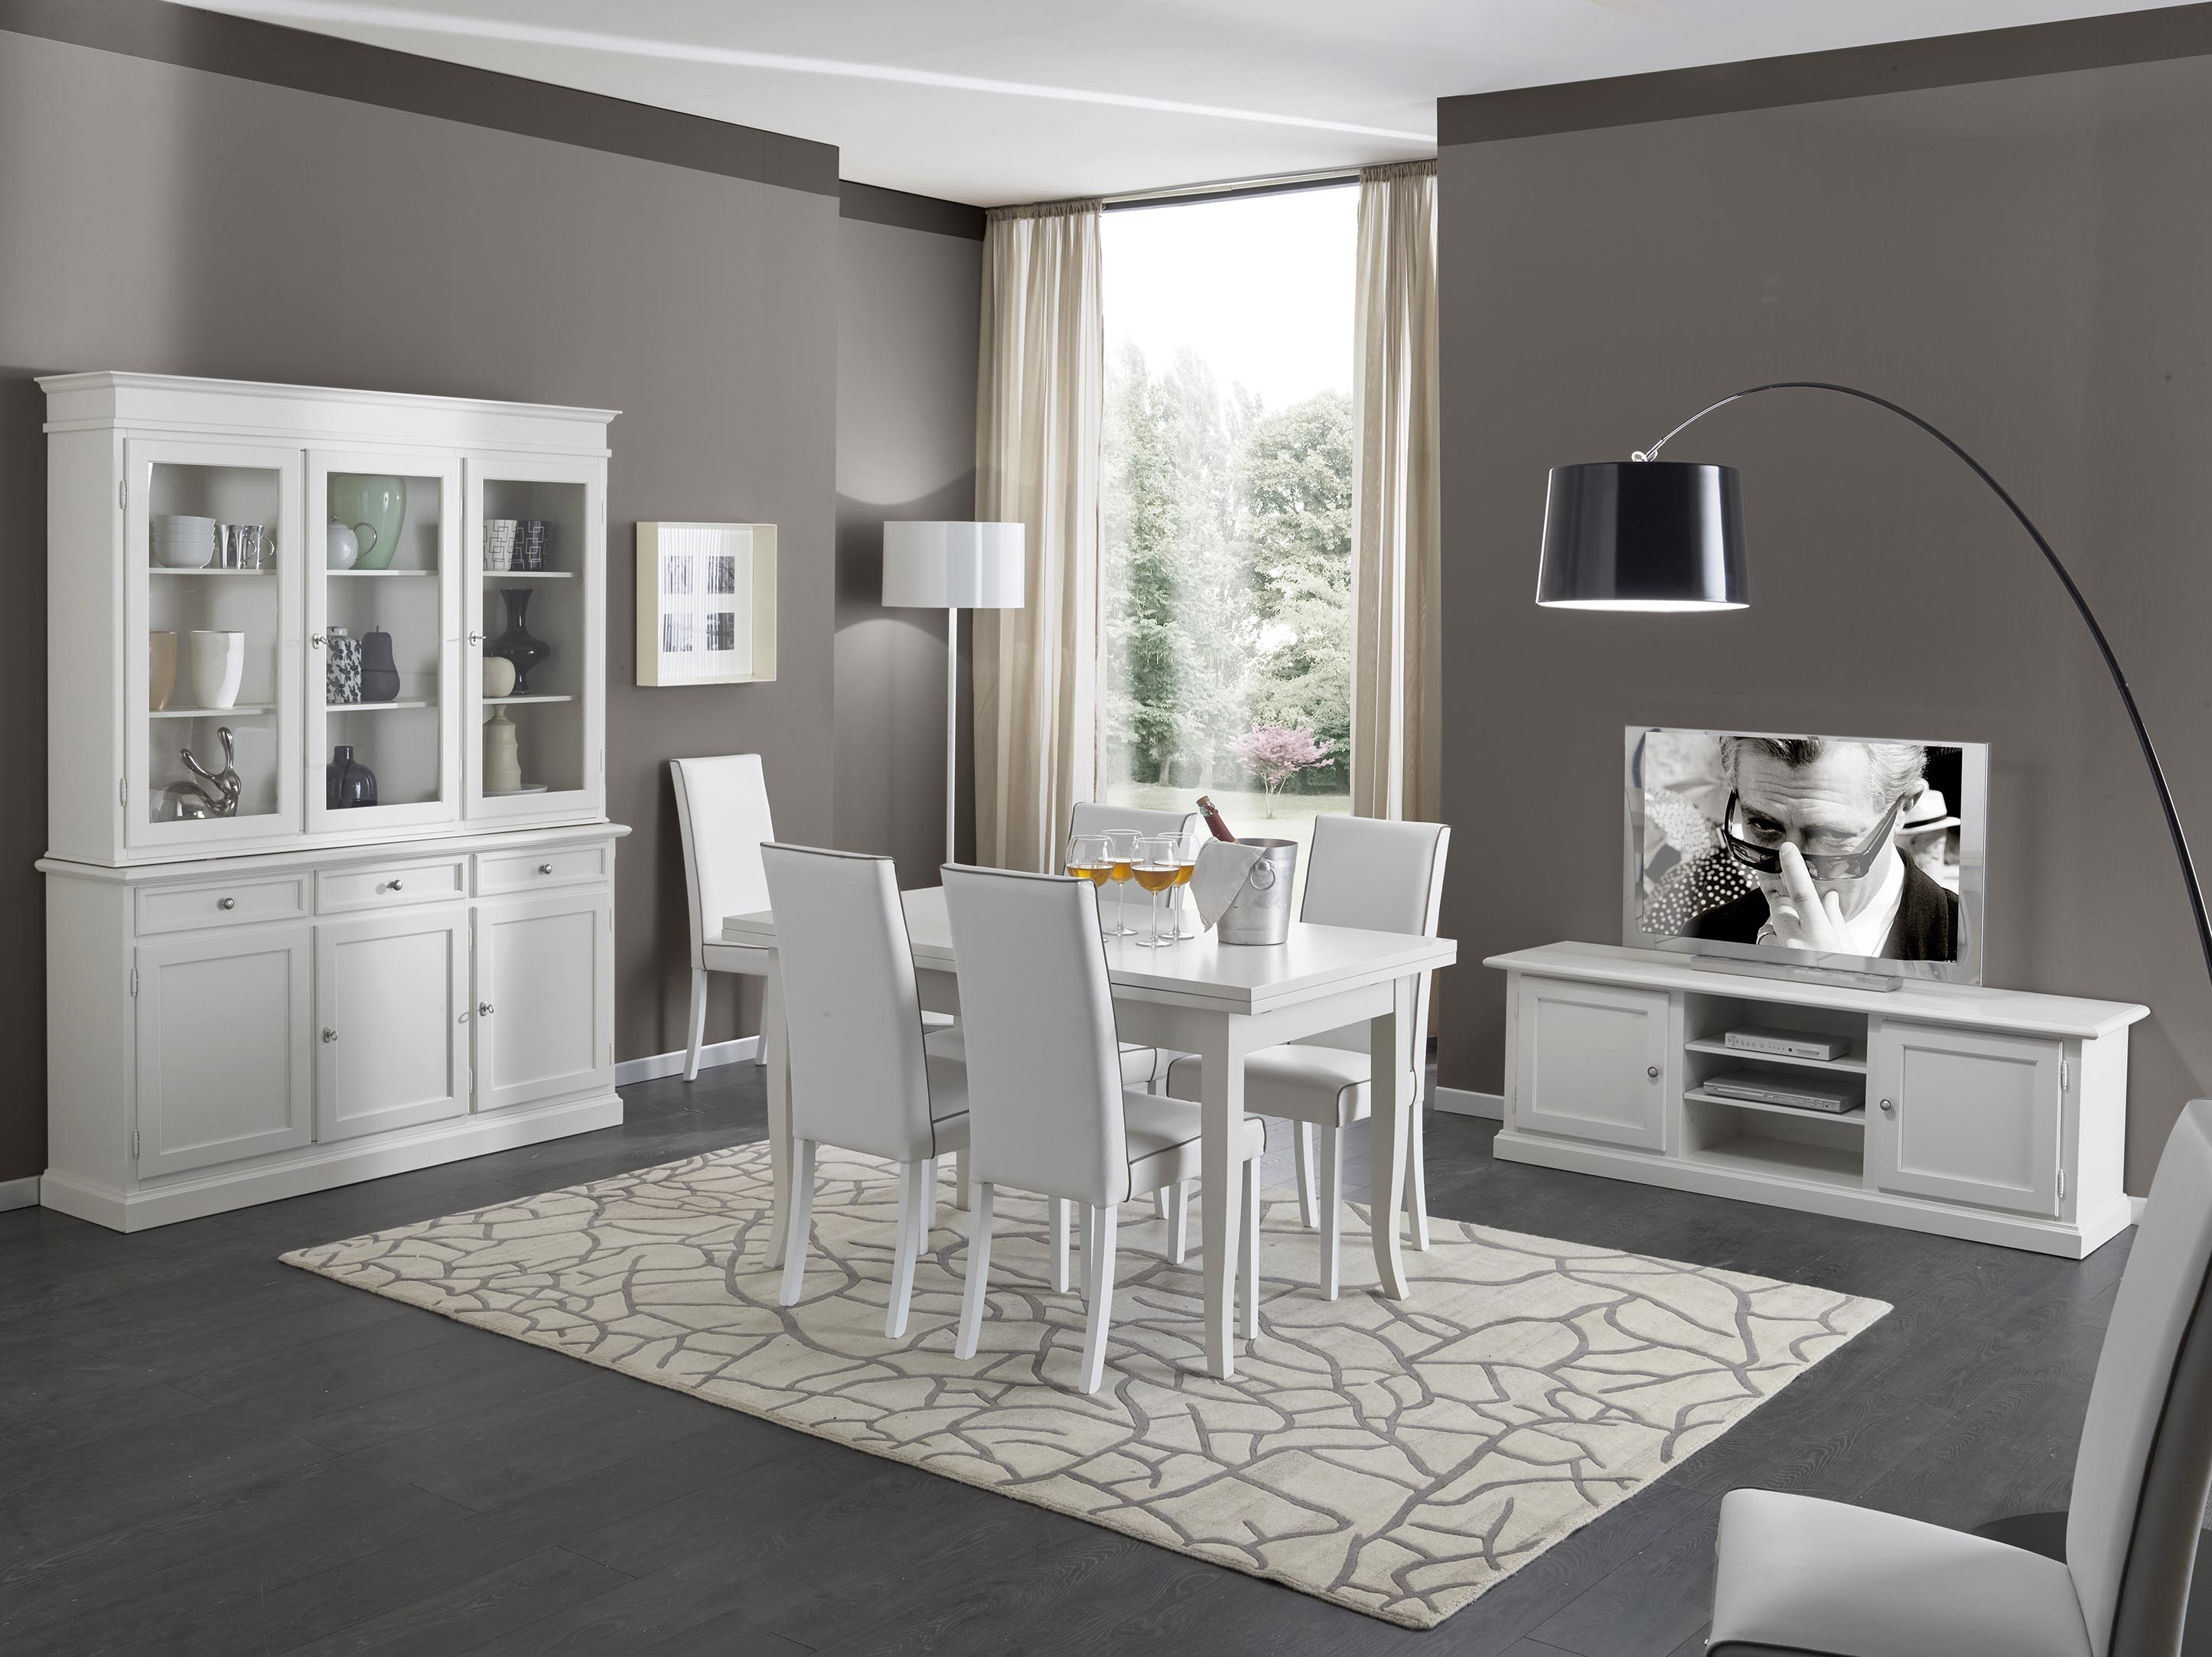 Soggiorno in legno bianco con tavolo sedie mobile tv e credenza soggiorni a prezzi scontati - Mobili soggiorno classico ...